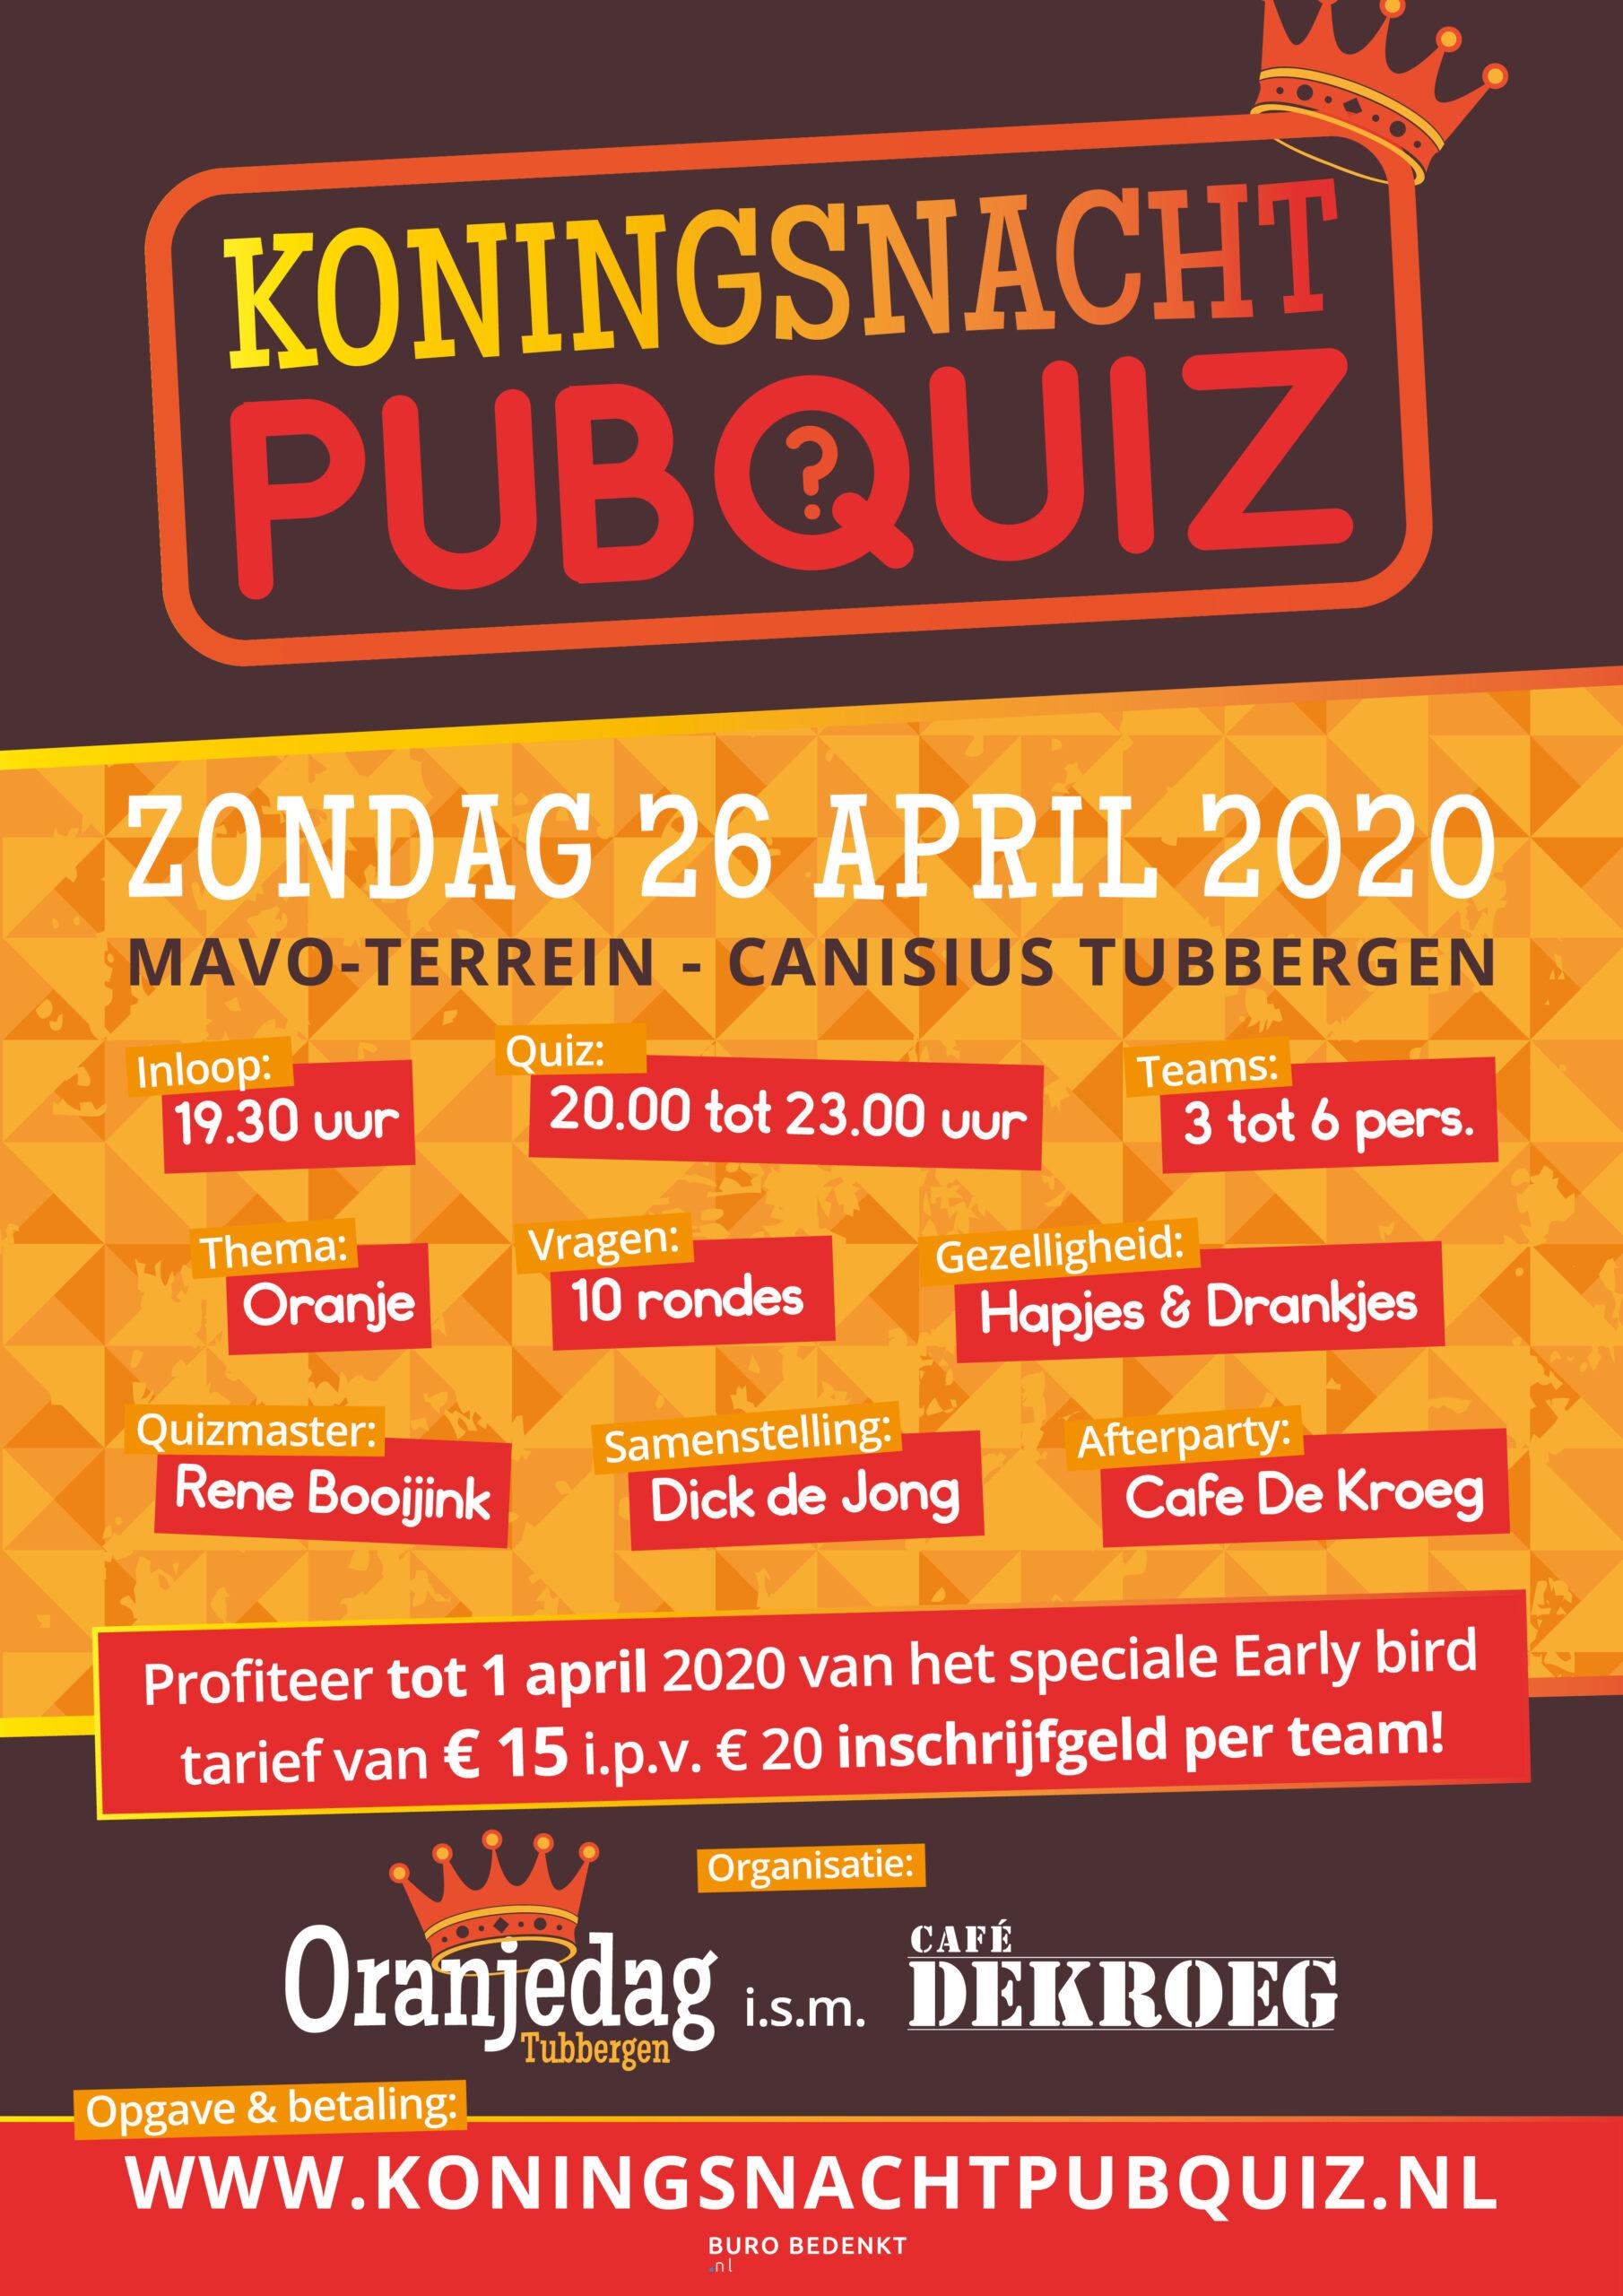 Digitaal-affiche-Koningsnacht-pubquiz-2020